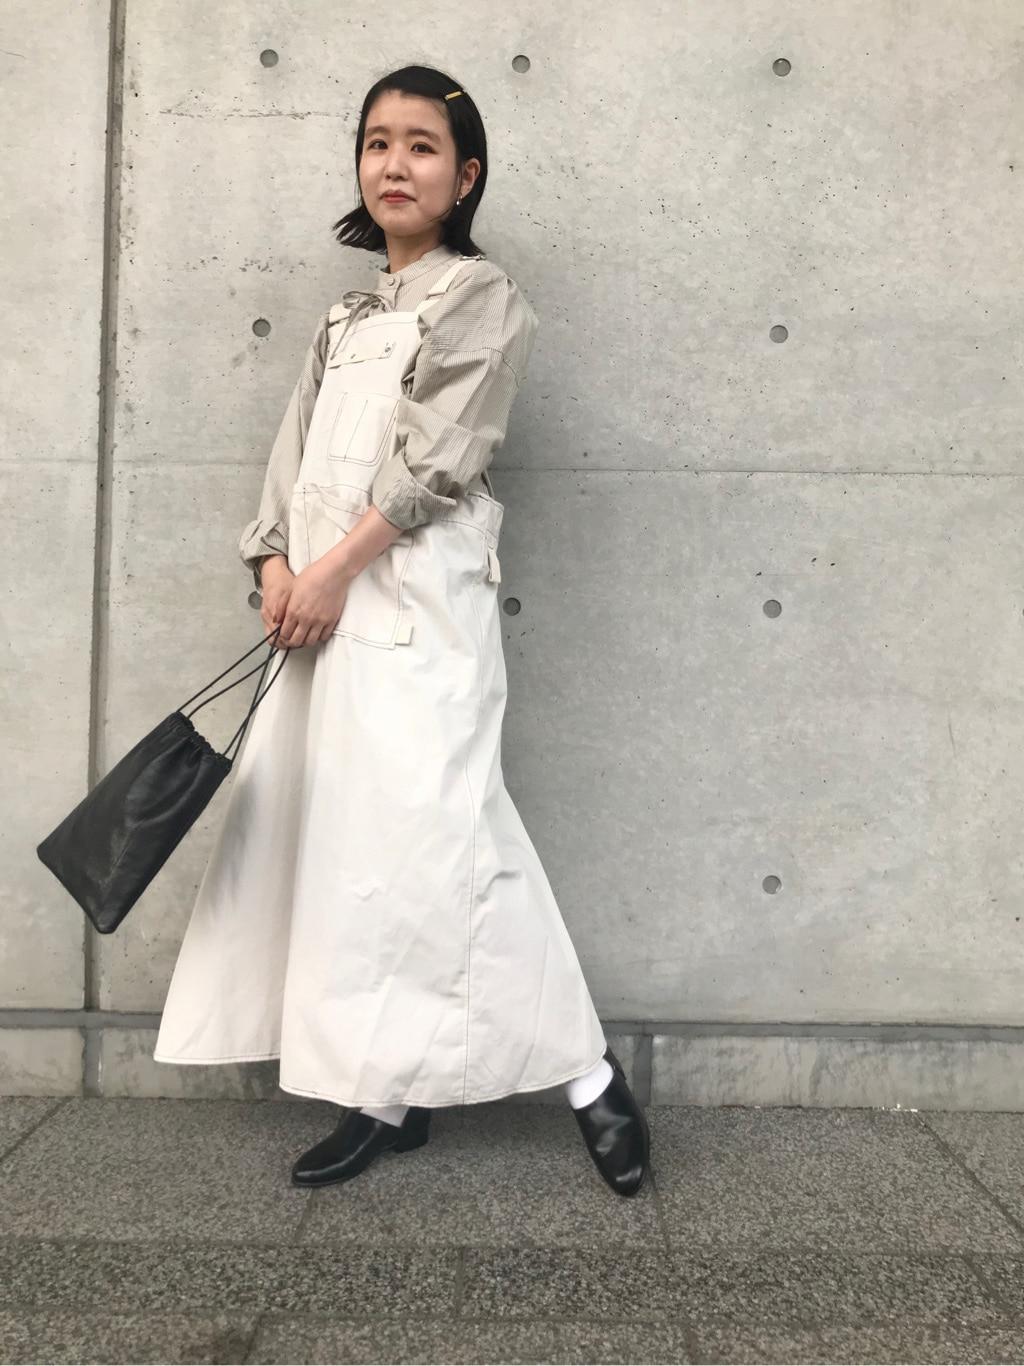 東京スカイツリータウン・ソラマチ 2020.08.16